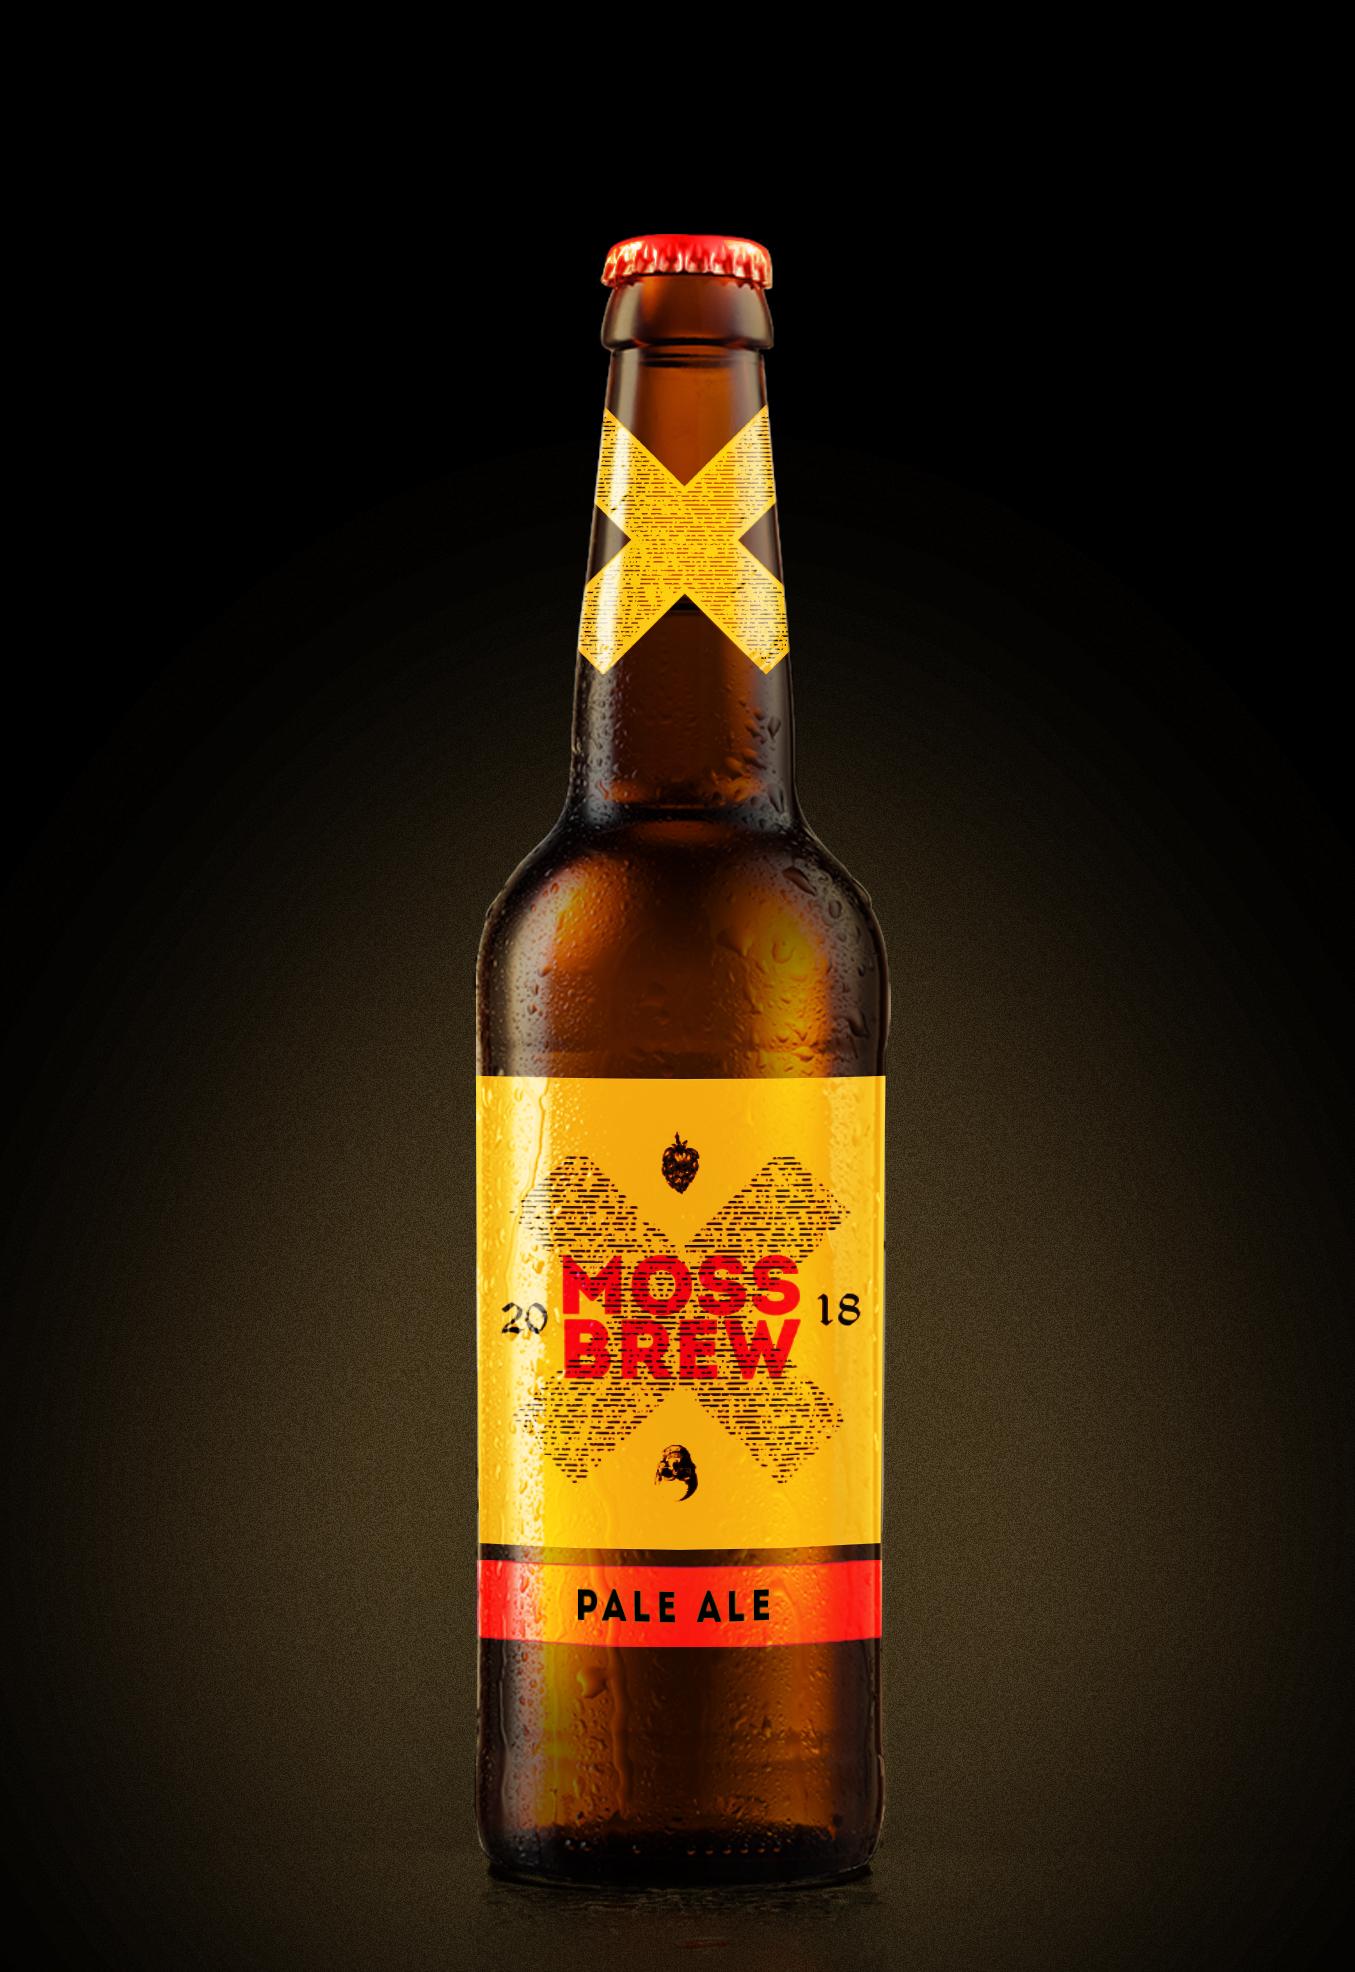 Логотип для пивоварни фото f_124598cba2e6d832.jpg